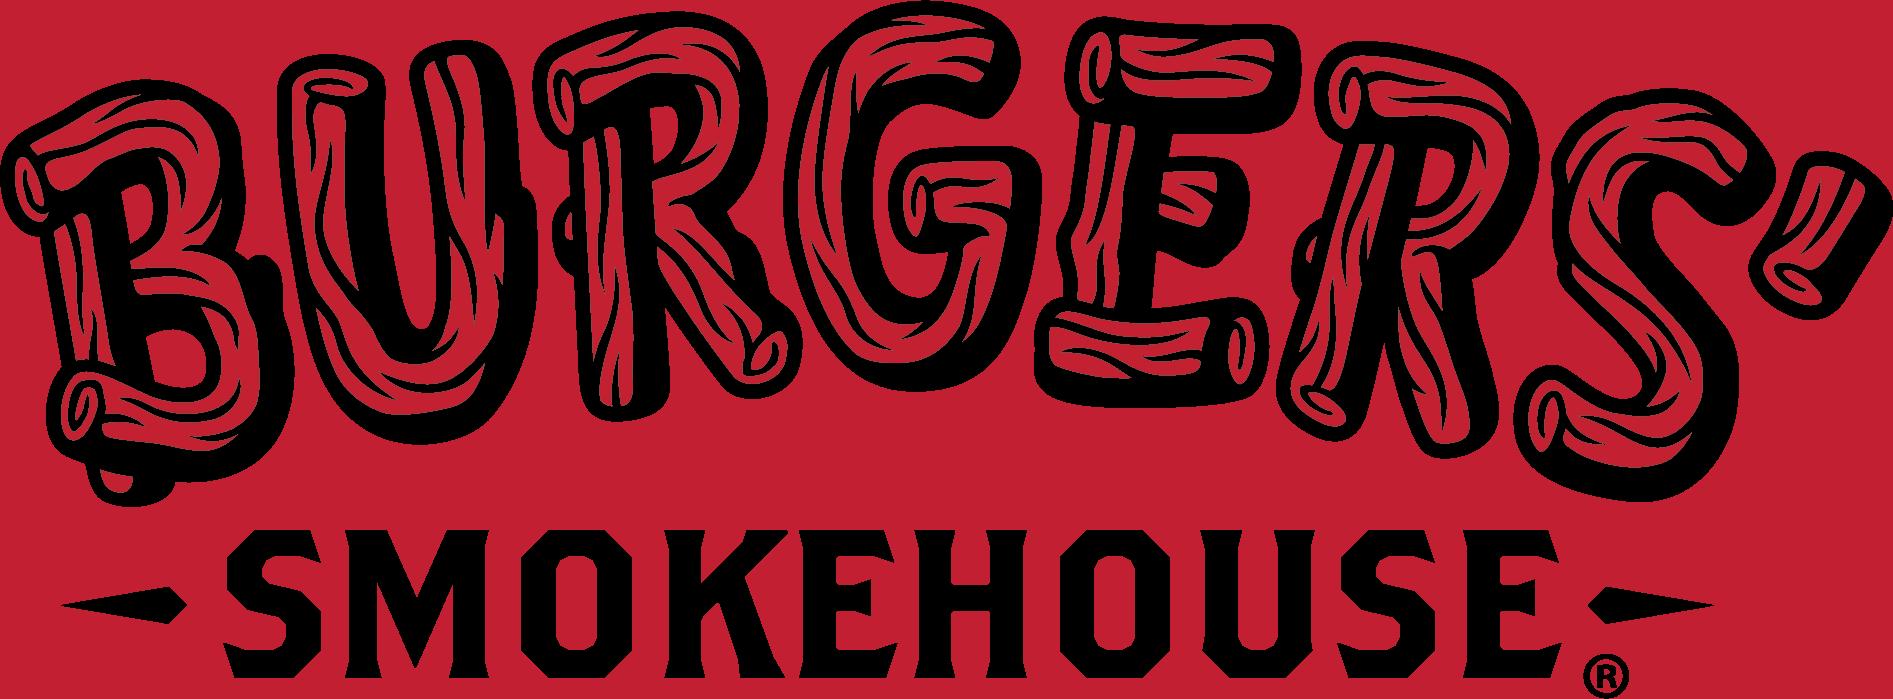 Burgers' Smokehouse